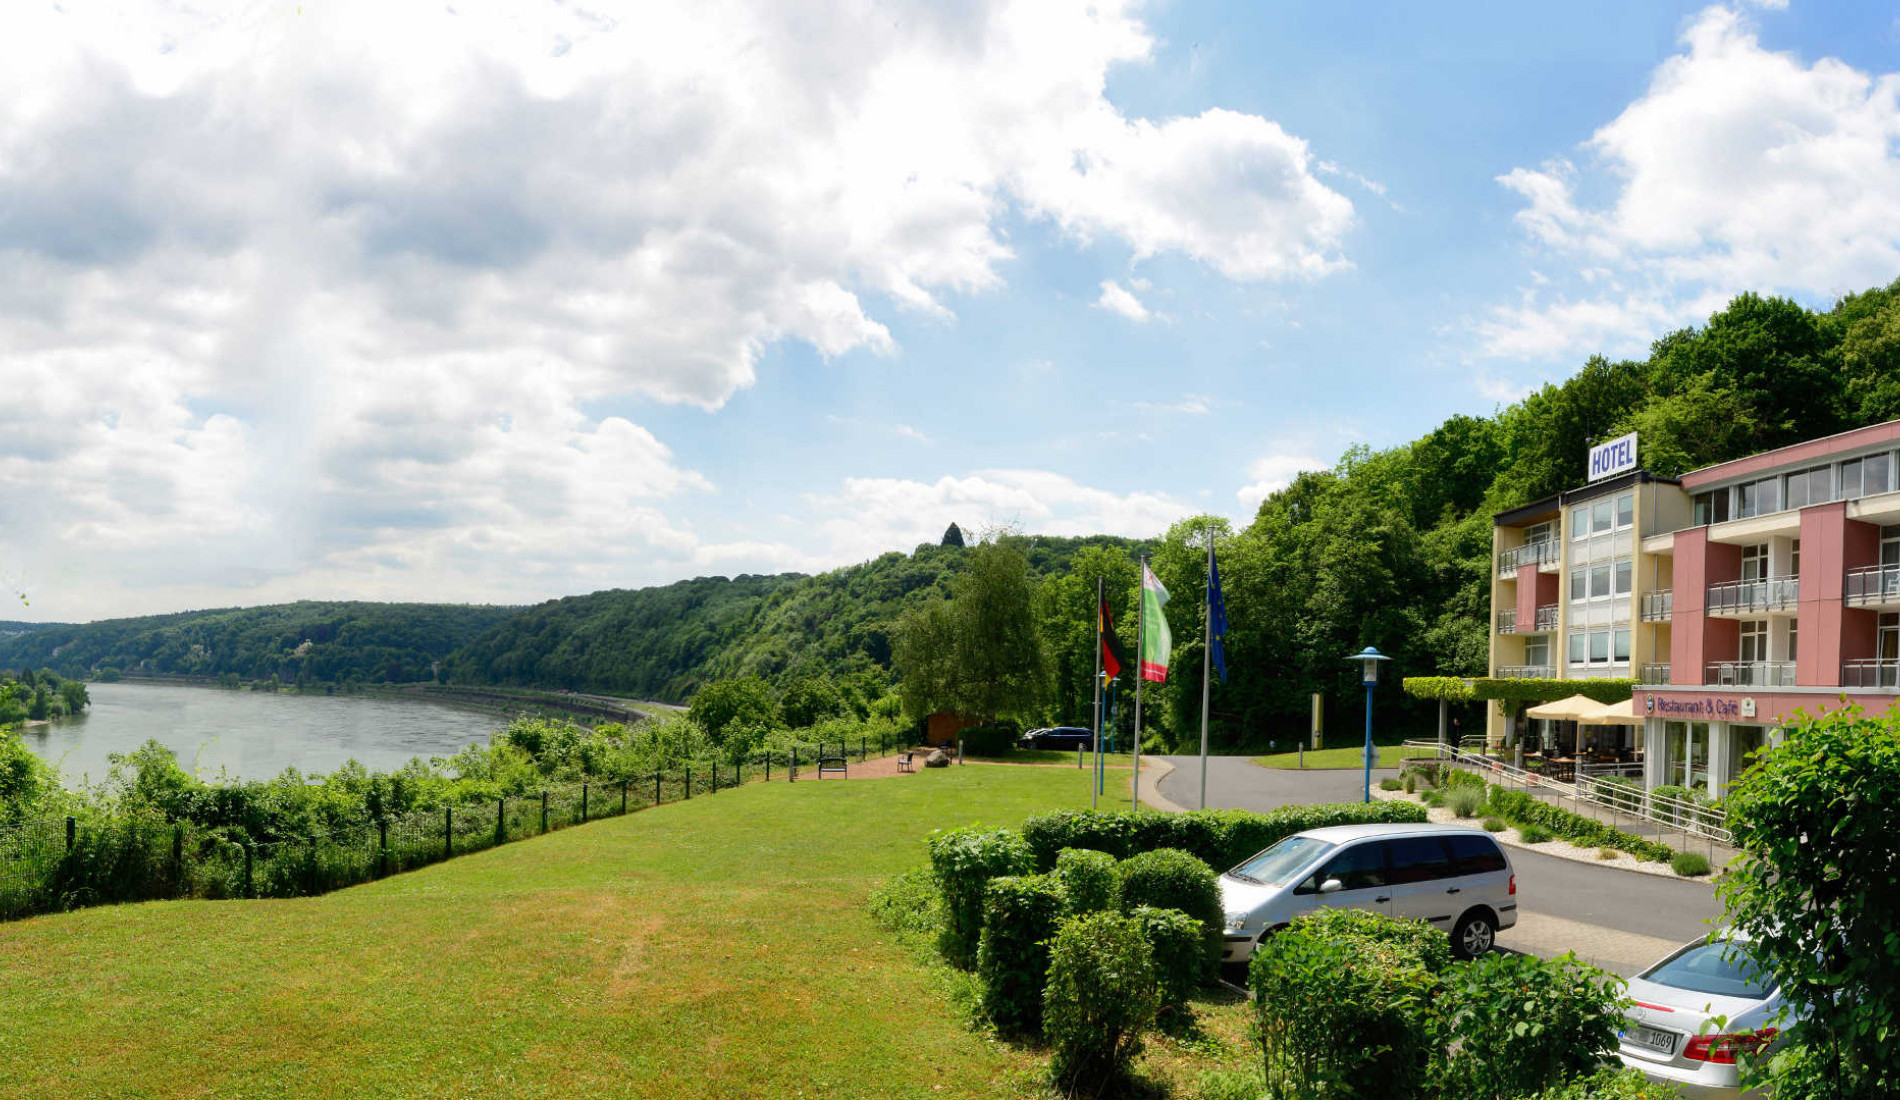 Ringhotel Haus Oberwinter Remagen Am Rhein Bonn Tagung